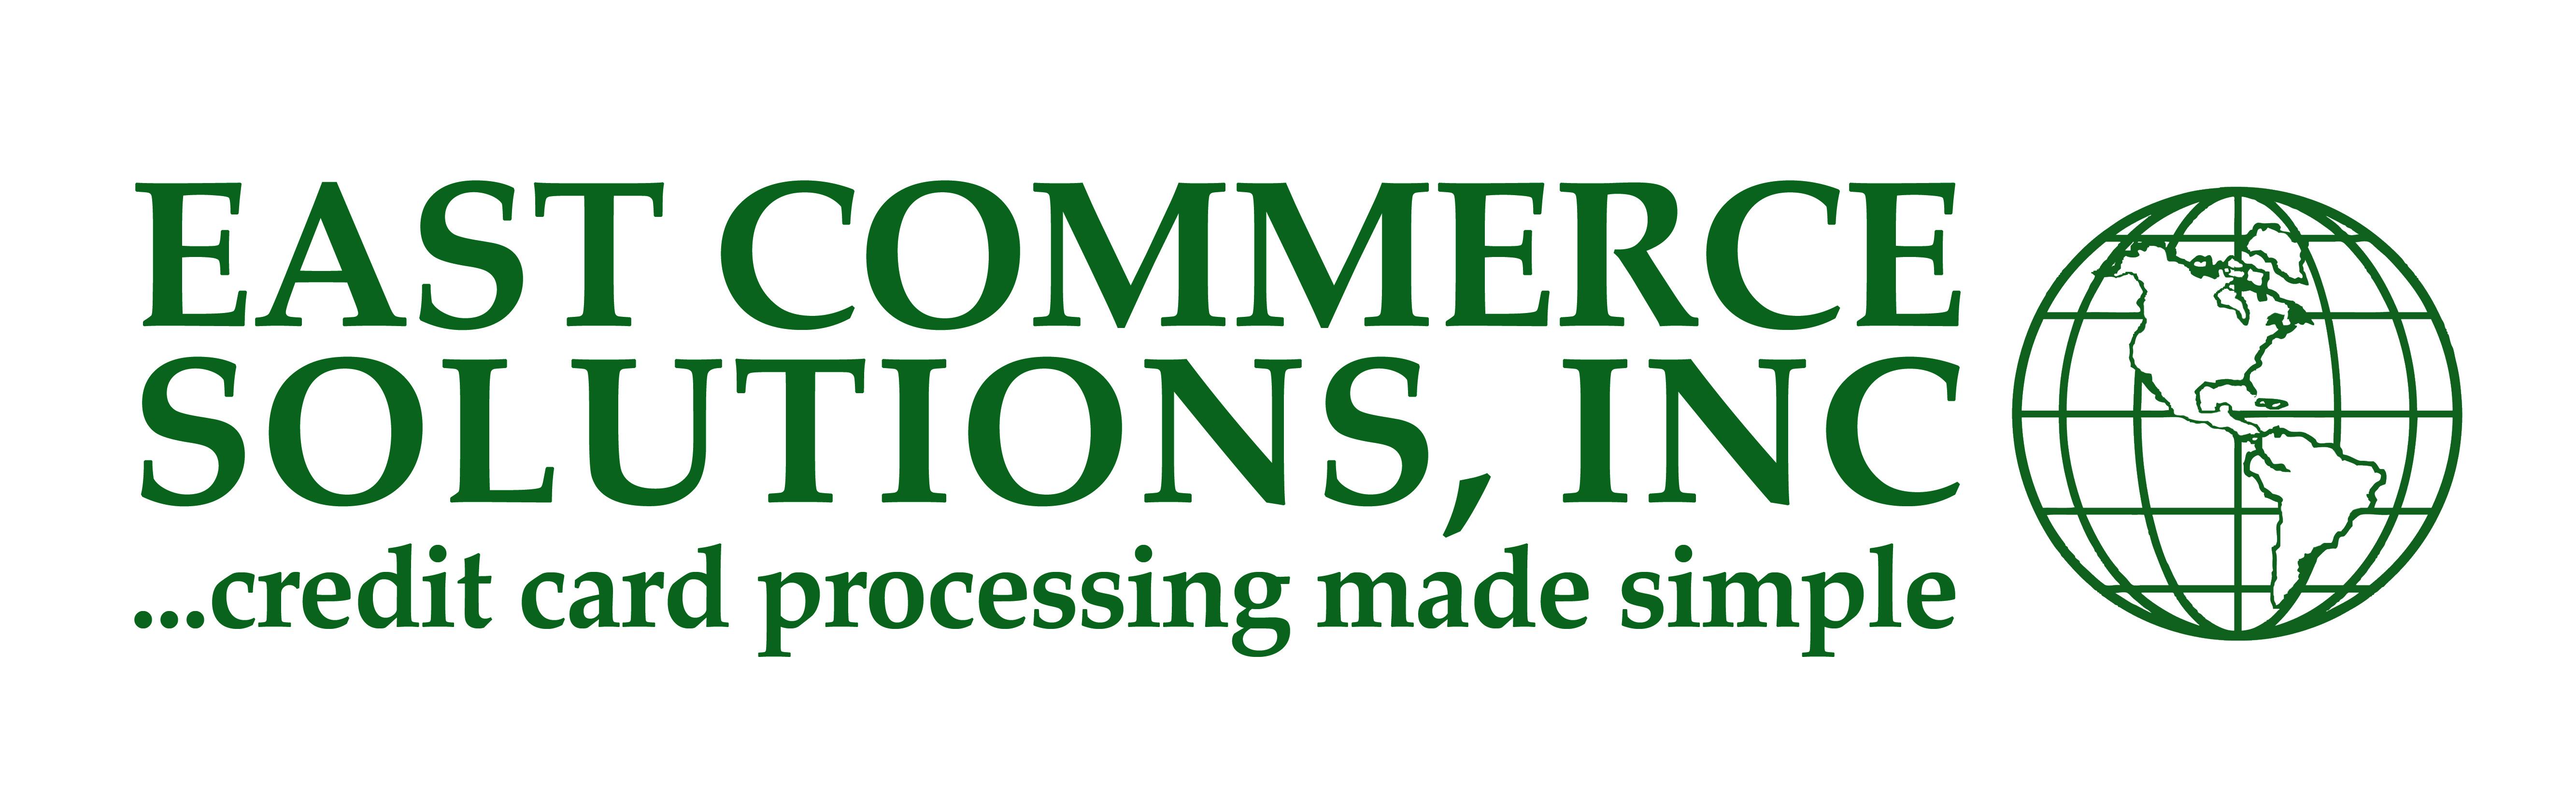 East_Commerce_Solutions_300dpi_jpg1-3.jpg